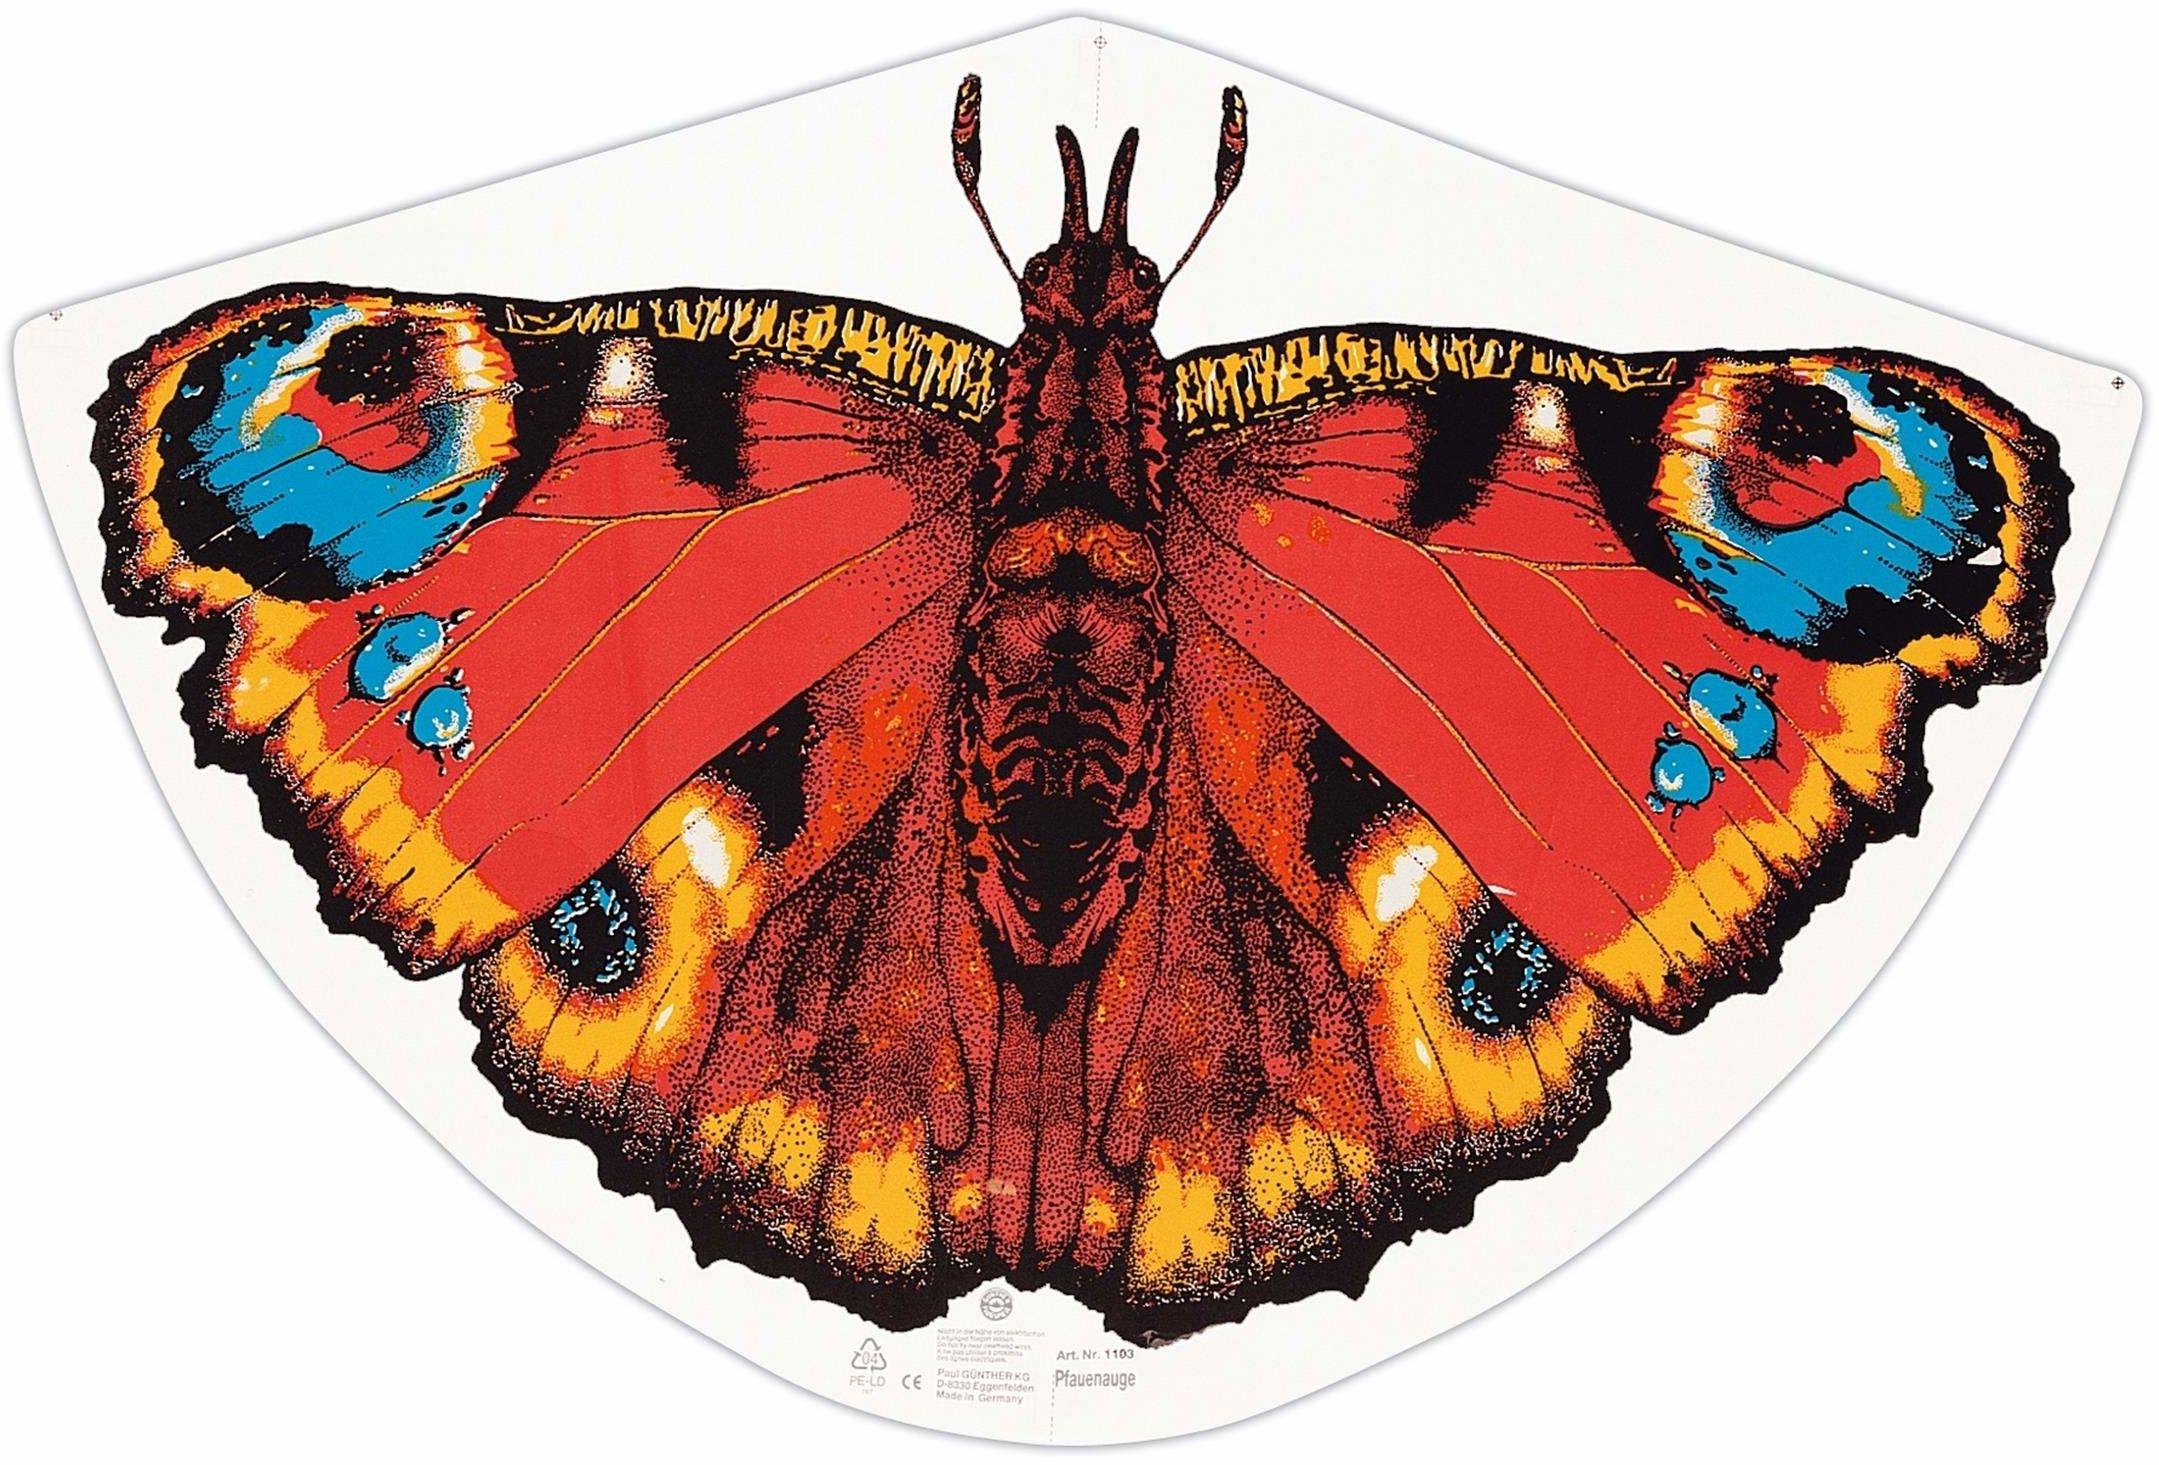 Paul Günther 1103 - latawiec dziecięcy z motywem motyla, latawiec z wytrzymałej folii PE z regulowaną wagą smoka, dla dzieci od 4 lat z uchwytem do nawijania i sznurkiem, rozmiar ok. 92 x 62 cm